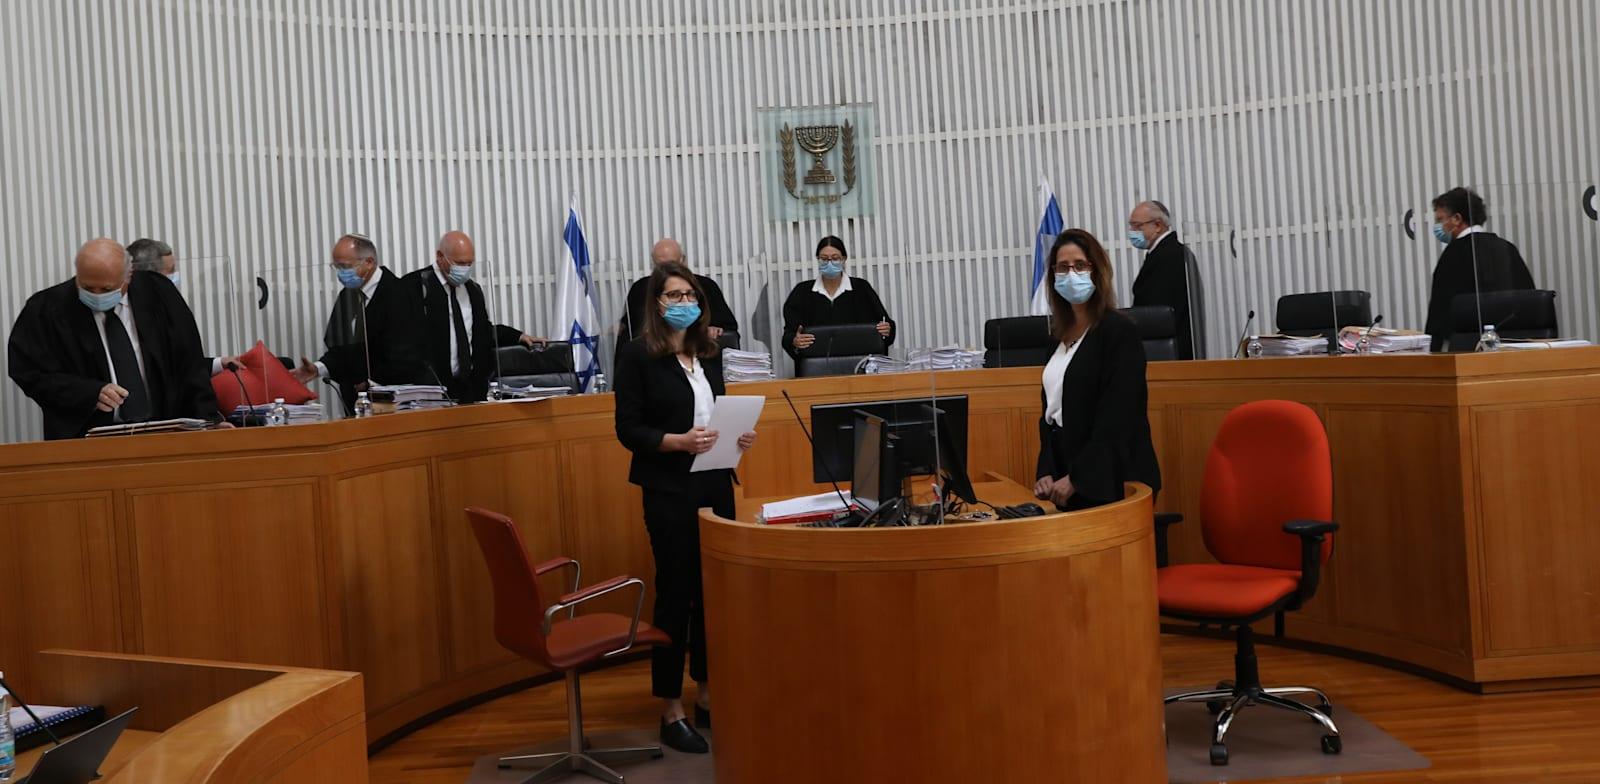 שופטי בית המשפט העליון / צילום: יוסי זמיר